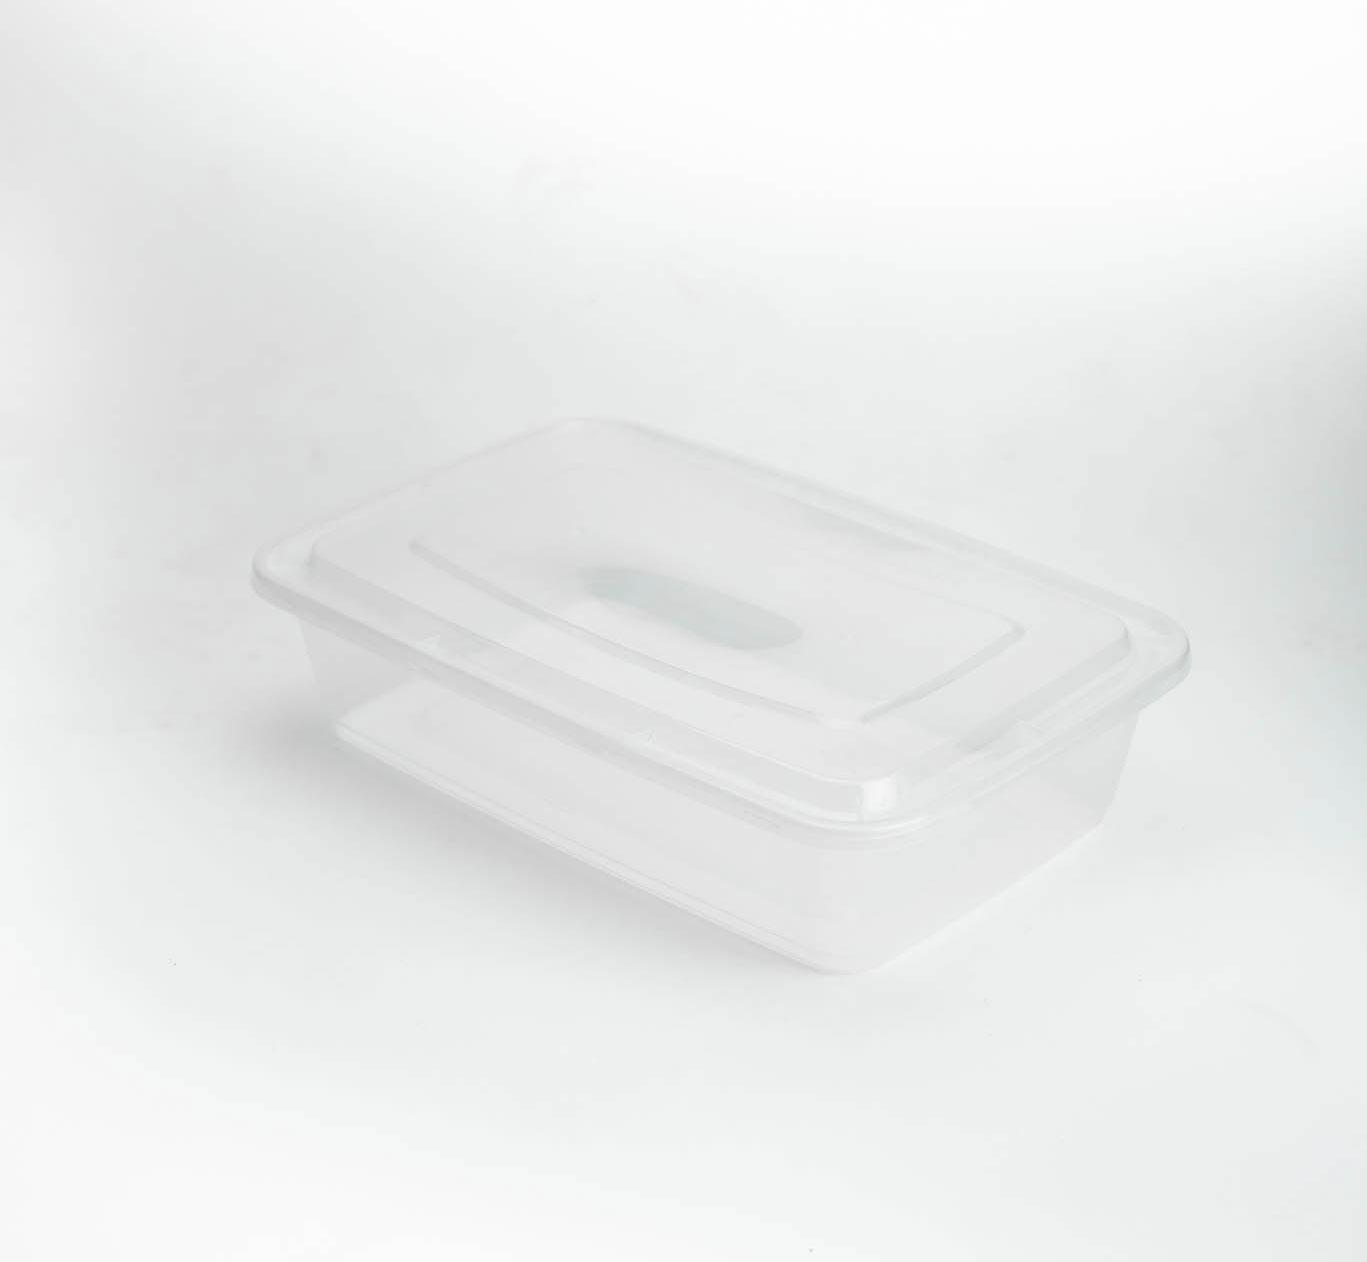 กล่องอาหารพลาสติก 1500ml